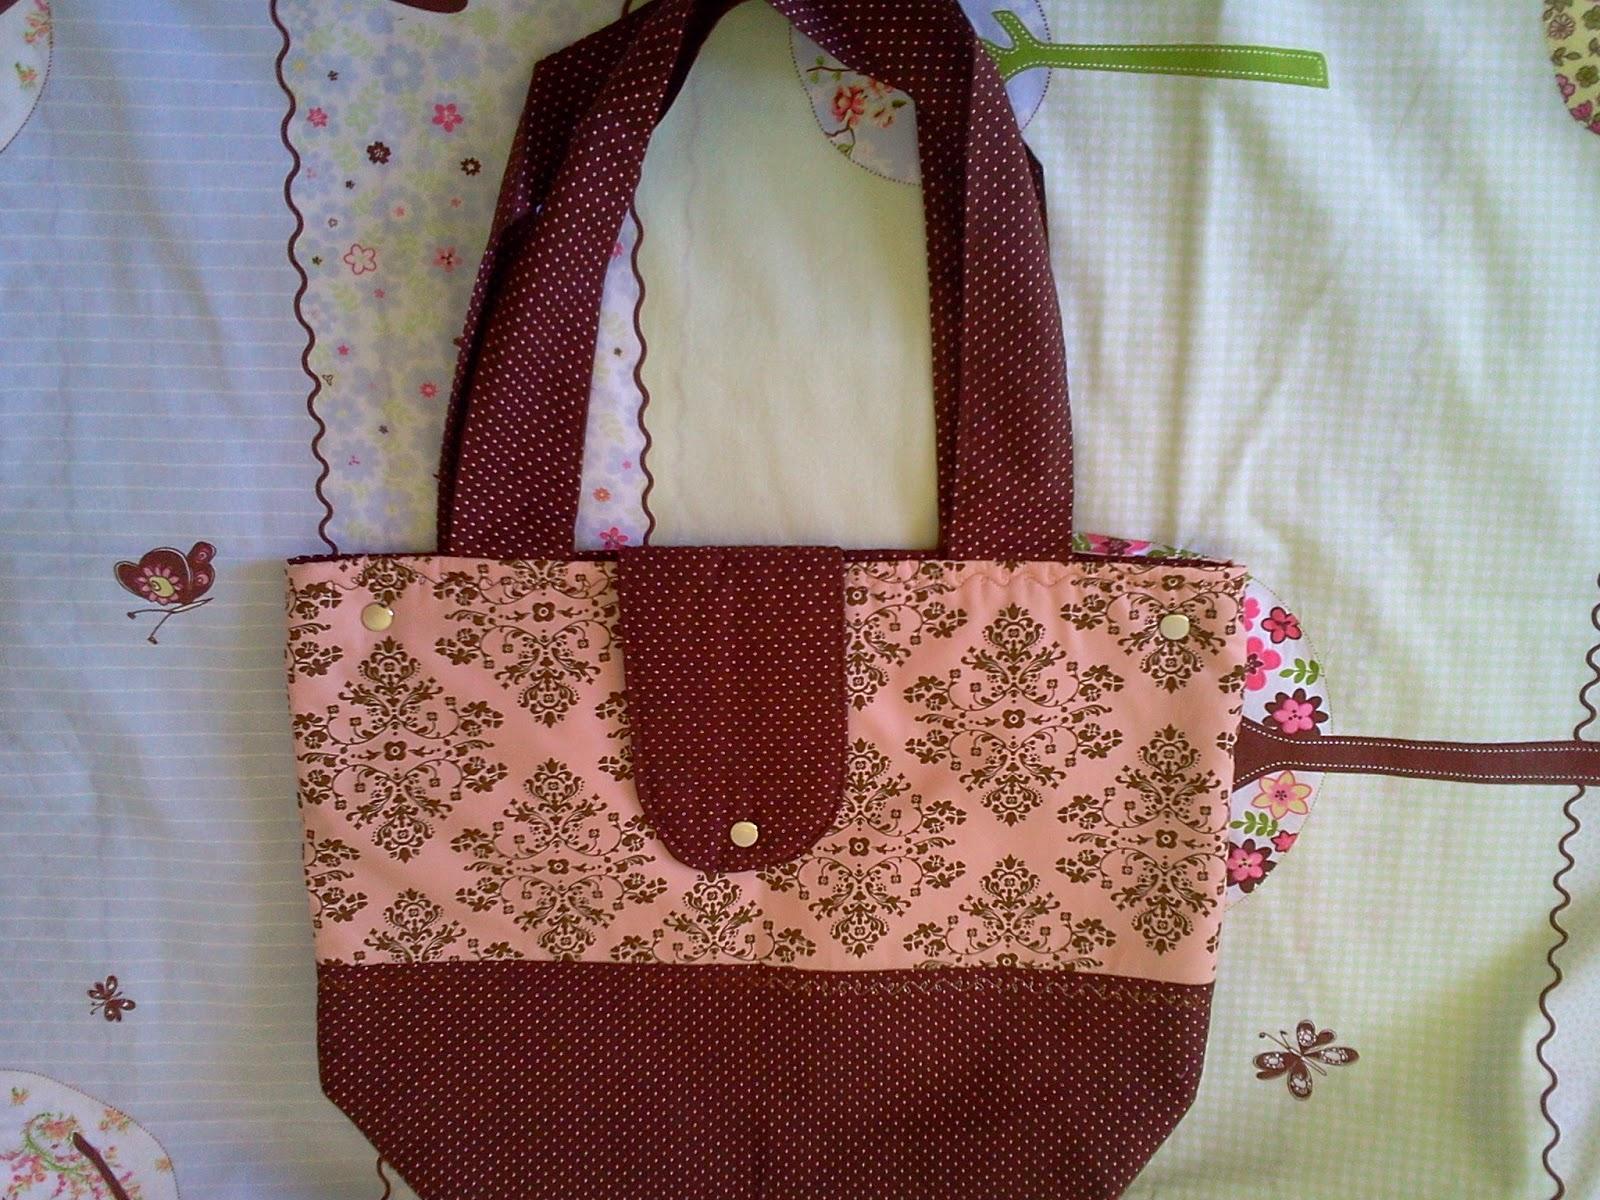 8ea0b5d45 Essa outra bolsa vai pra mãe de uma cliente que já comprou várias coisas.  Foi um desafio fazer essa bolsa, pois ela disse que queria poá amarelo com  marrom.